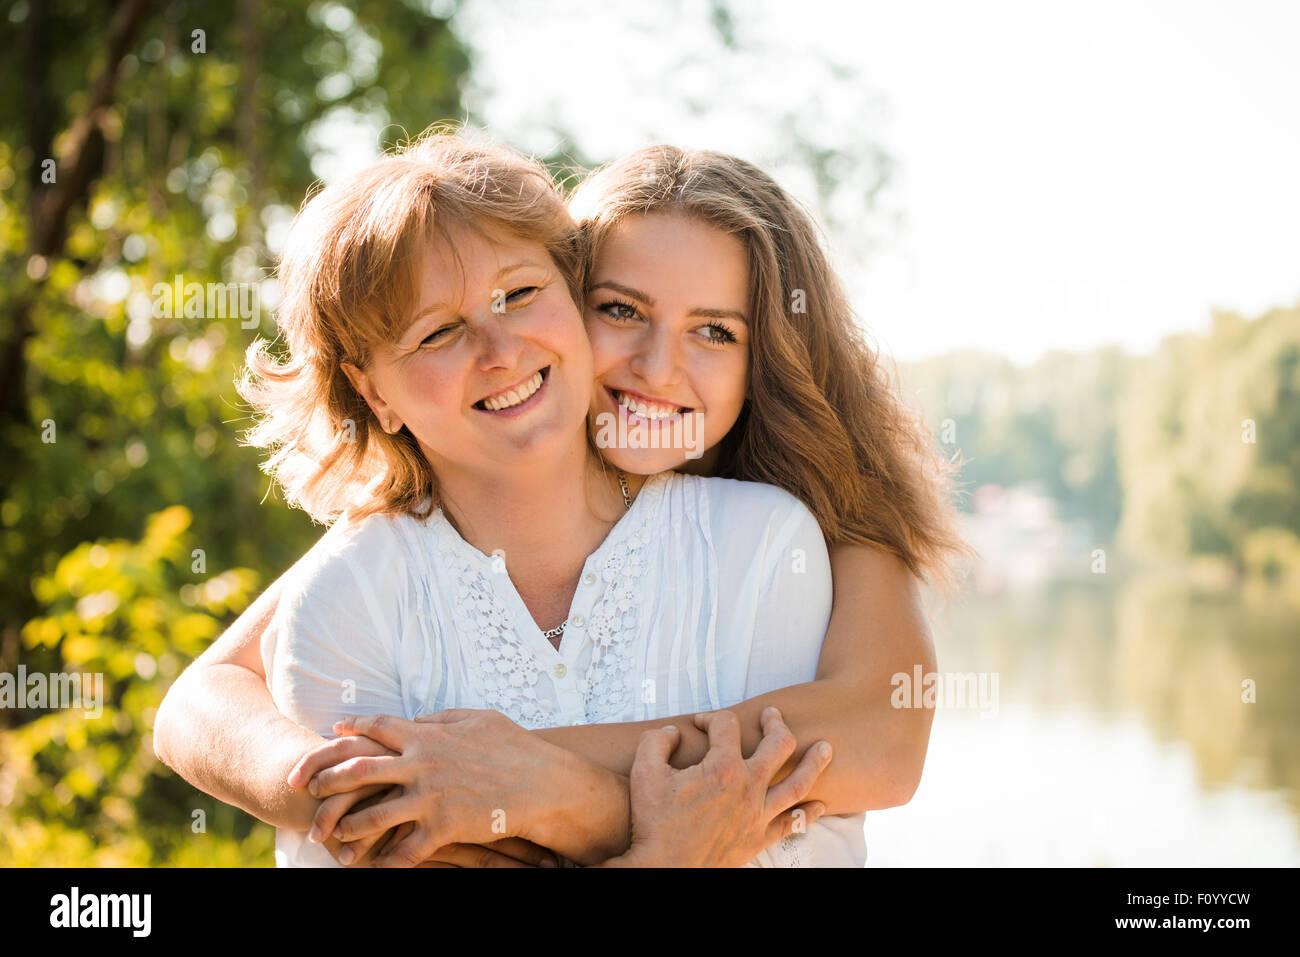 Coppia madre abbracciando con sua figlia teenager outdoor in natura sulla giornata di sole Foto Stock